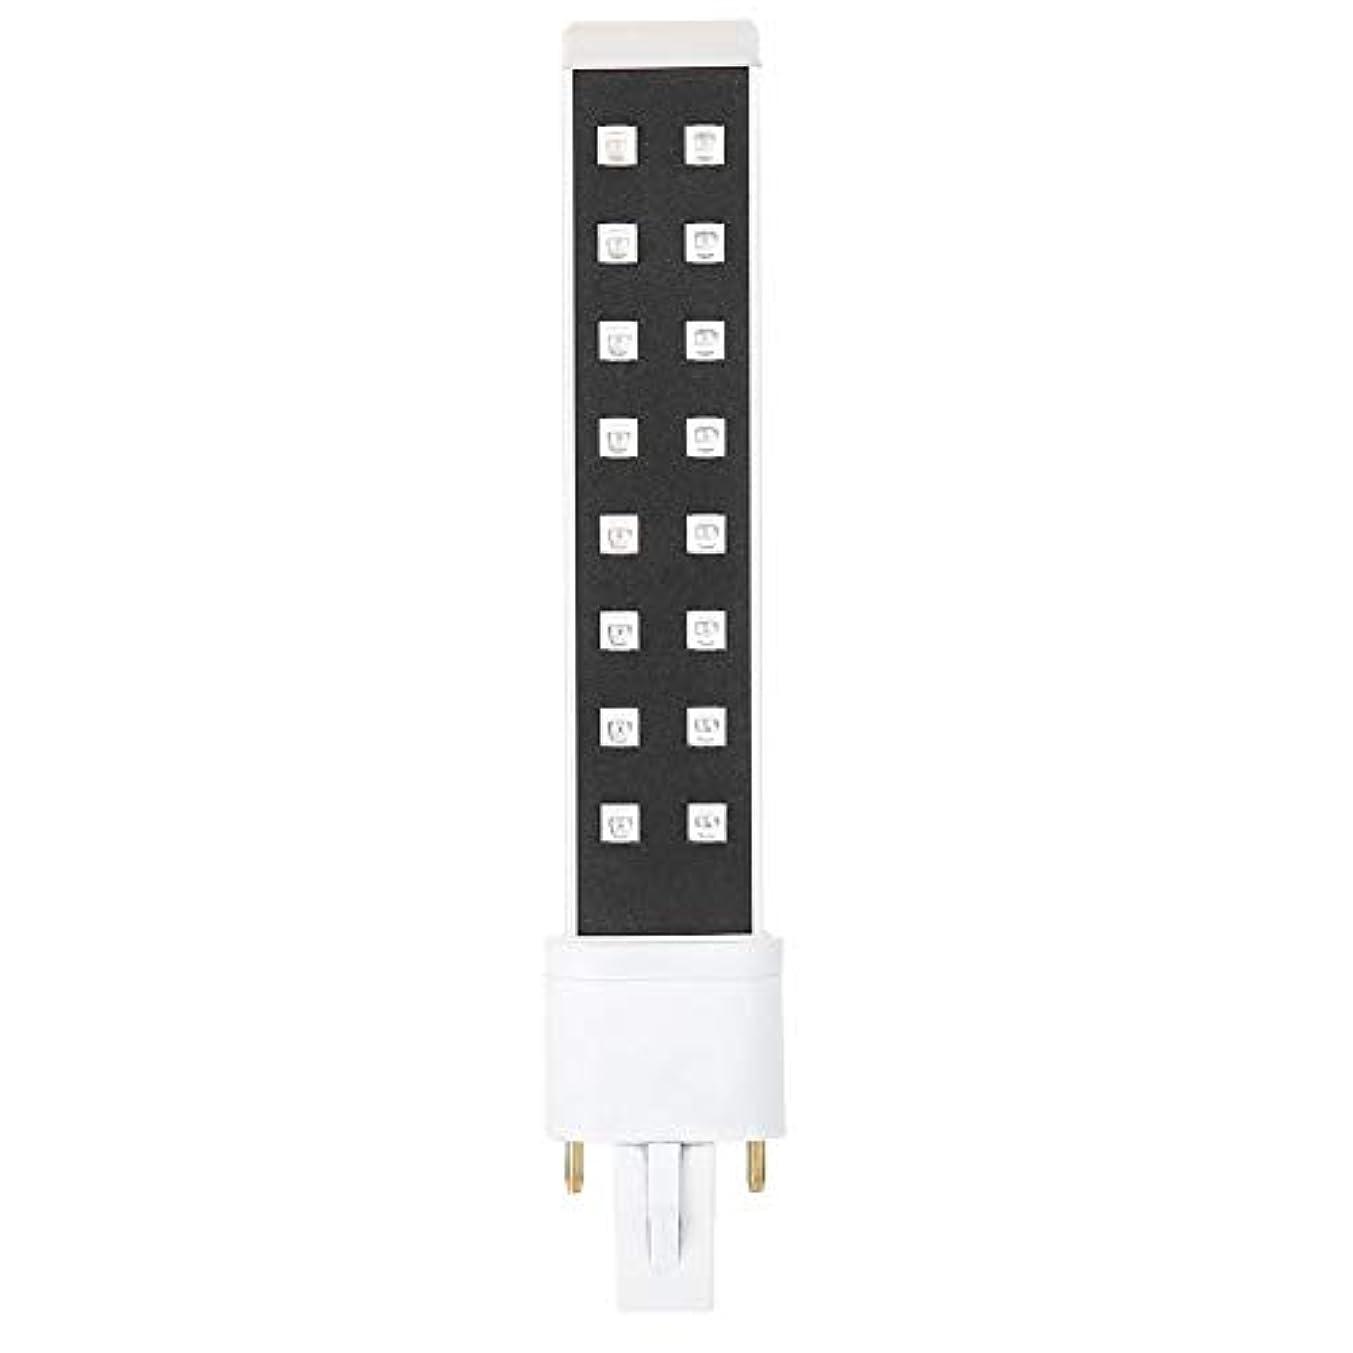 保証カメつかまえるUVネイルランプチューブ、ネイルドライヤー用の電球、395nmネイルアートジェル硬化ドライヤーライトチューブマニキュアツールの交換UVランプ電球